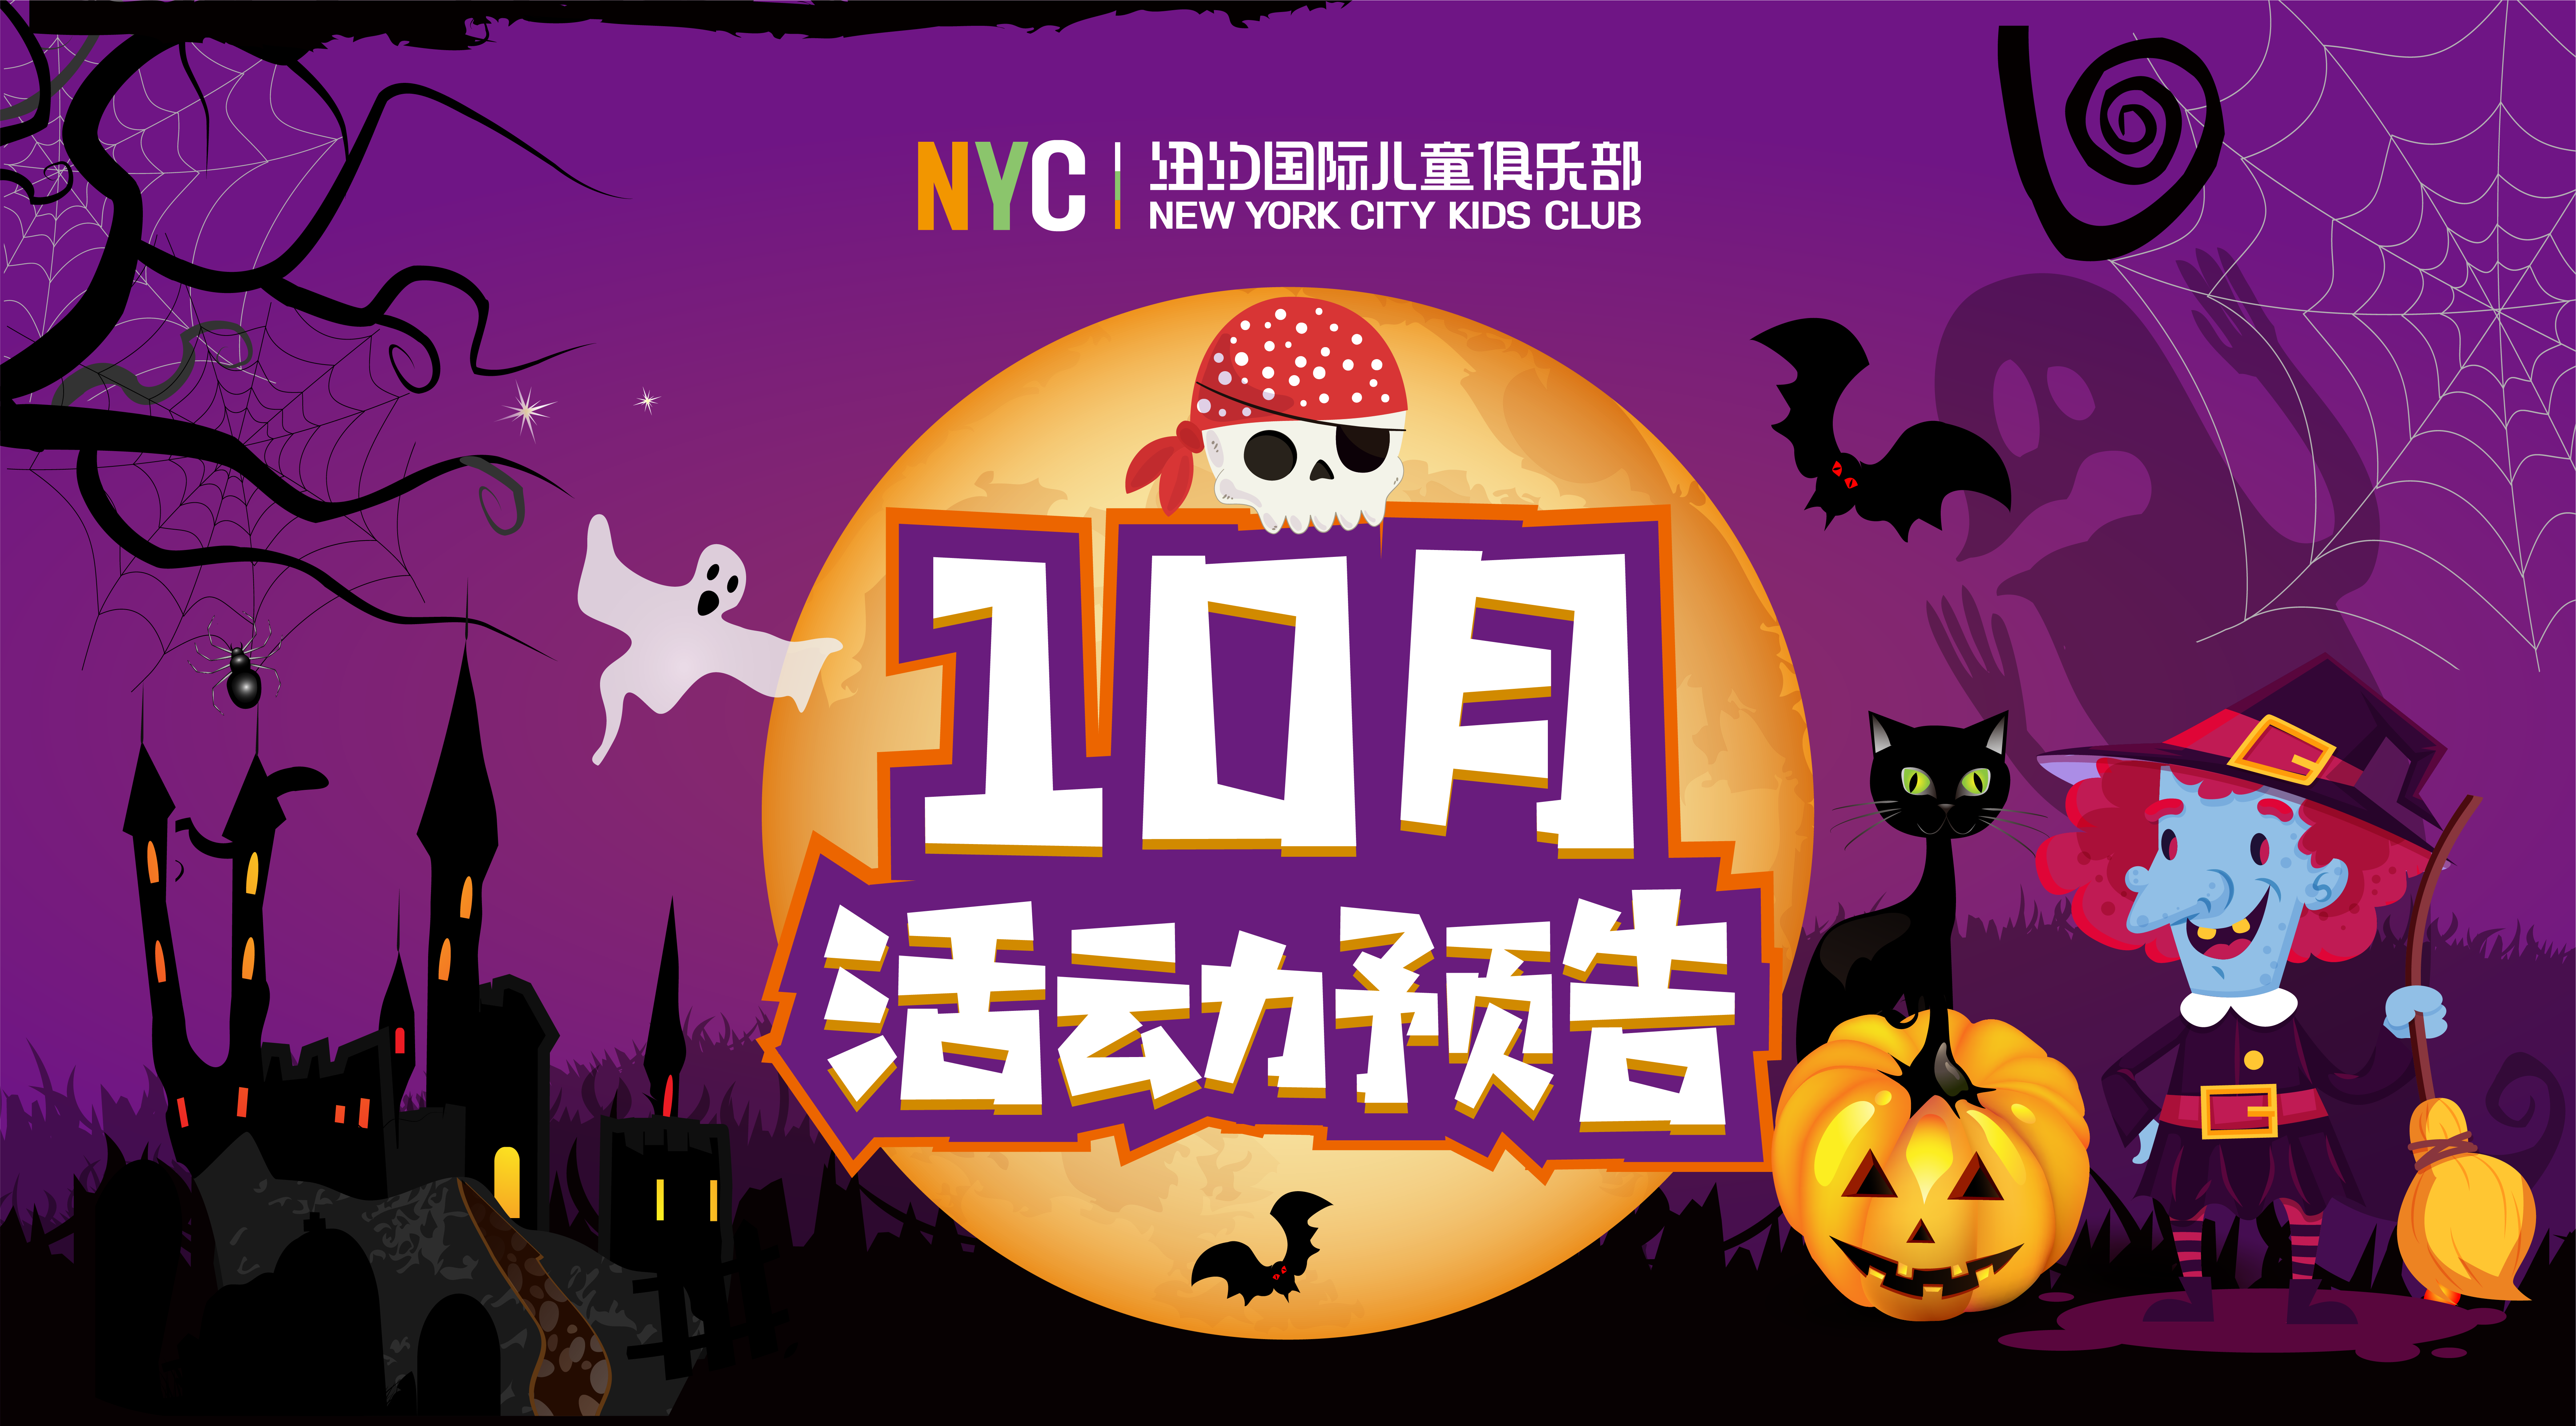 NYC 纽约国际青岛早教中心:10月活动招募中~